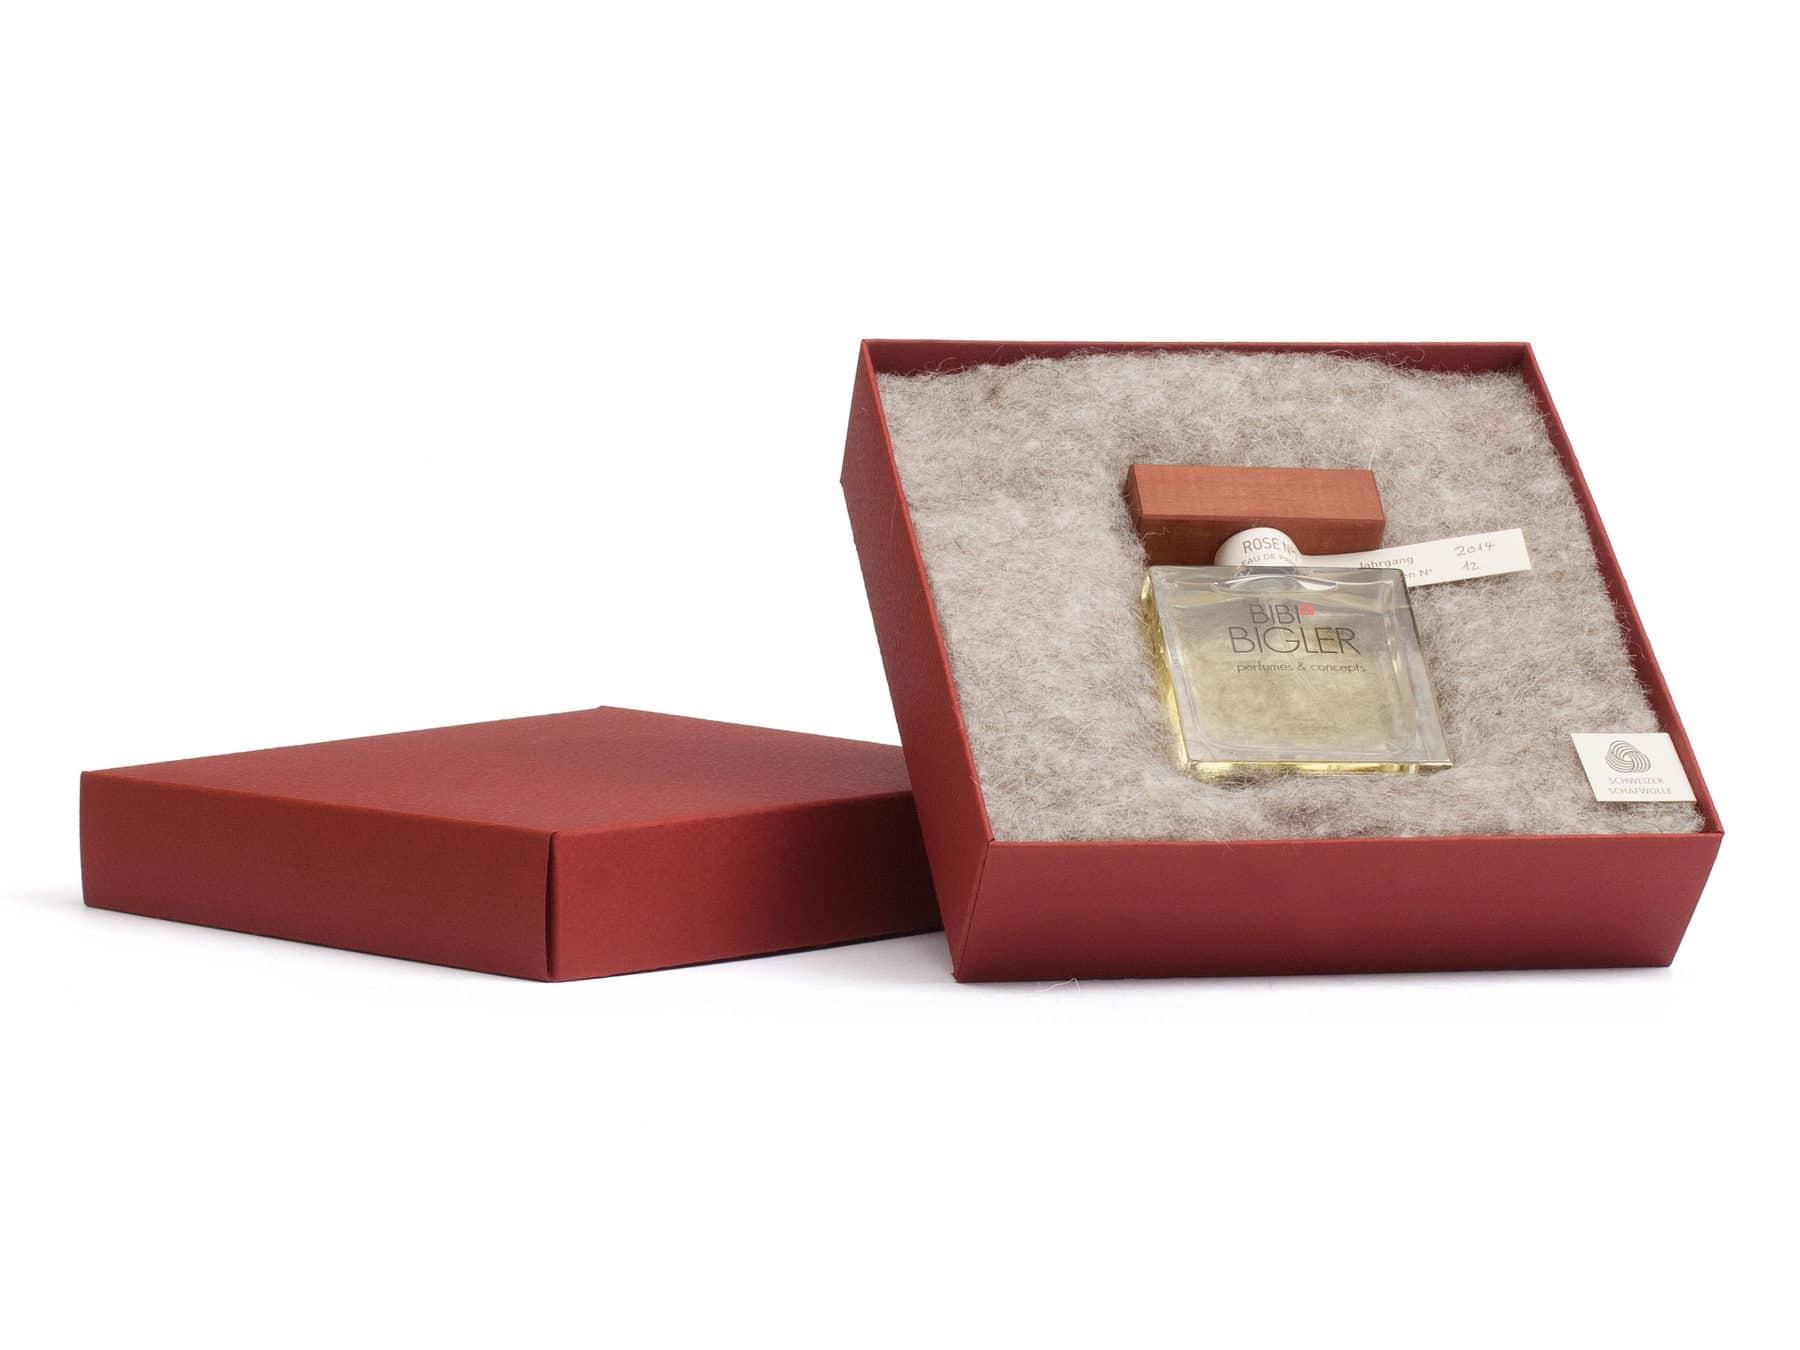 Parfum Rose Schweiz handmade Eau de parfum Bigler KURTS.ch